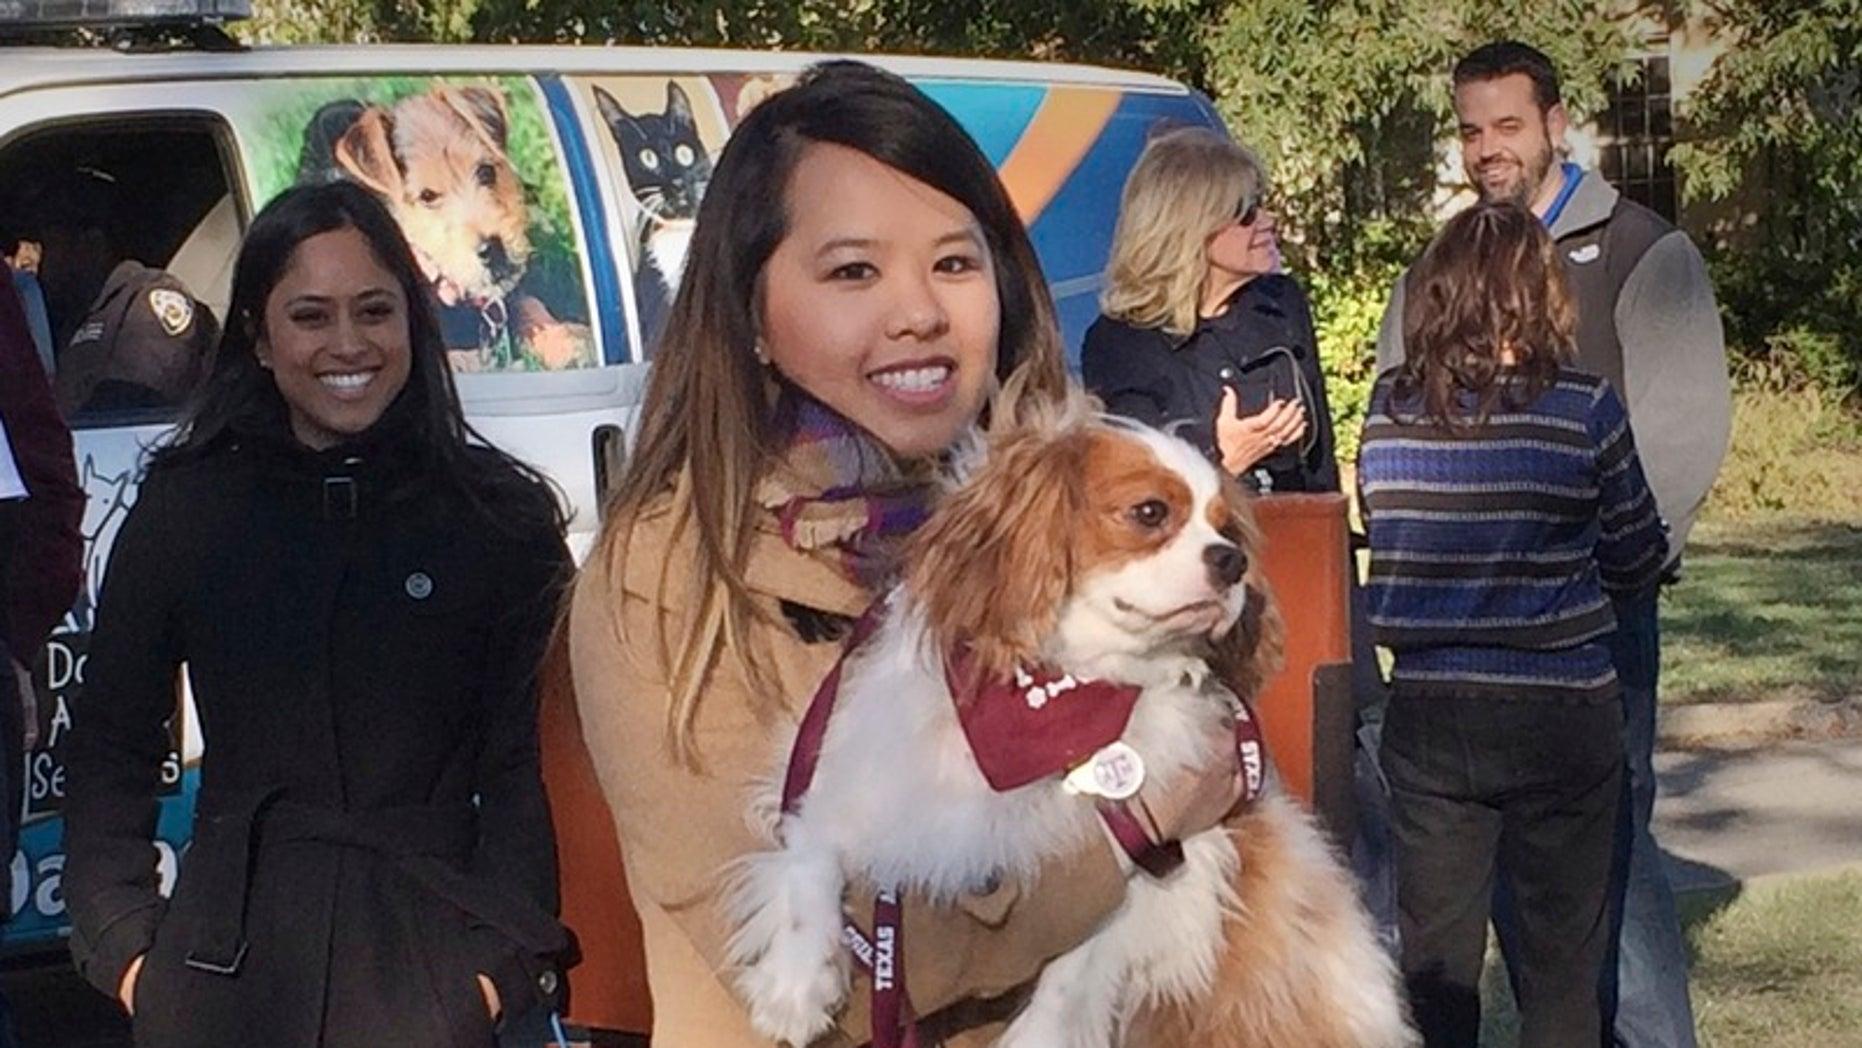 Ebola survivor Nina Pham is reunited with her dog Bentley in Dallas